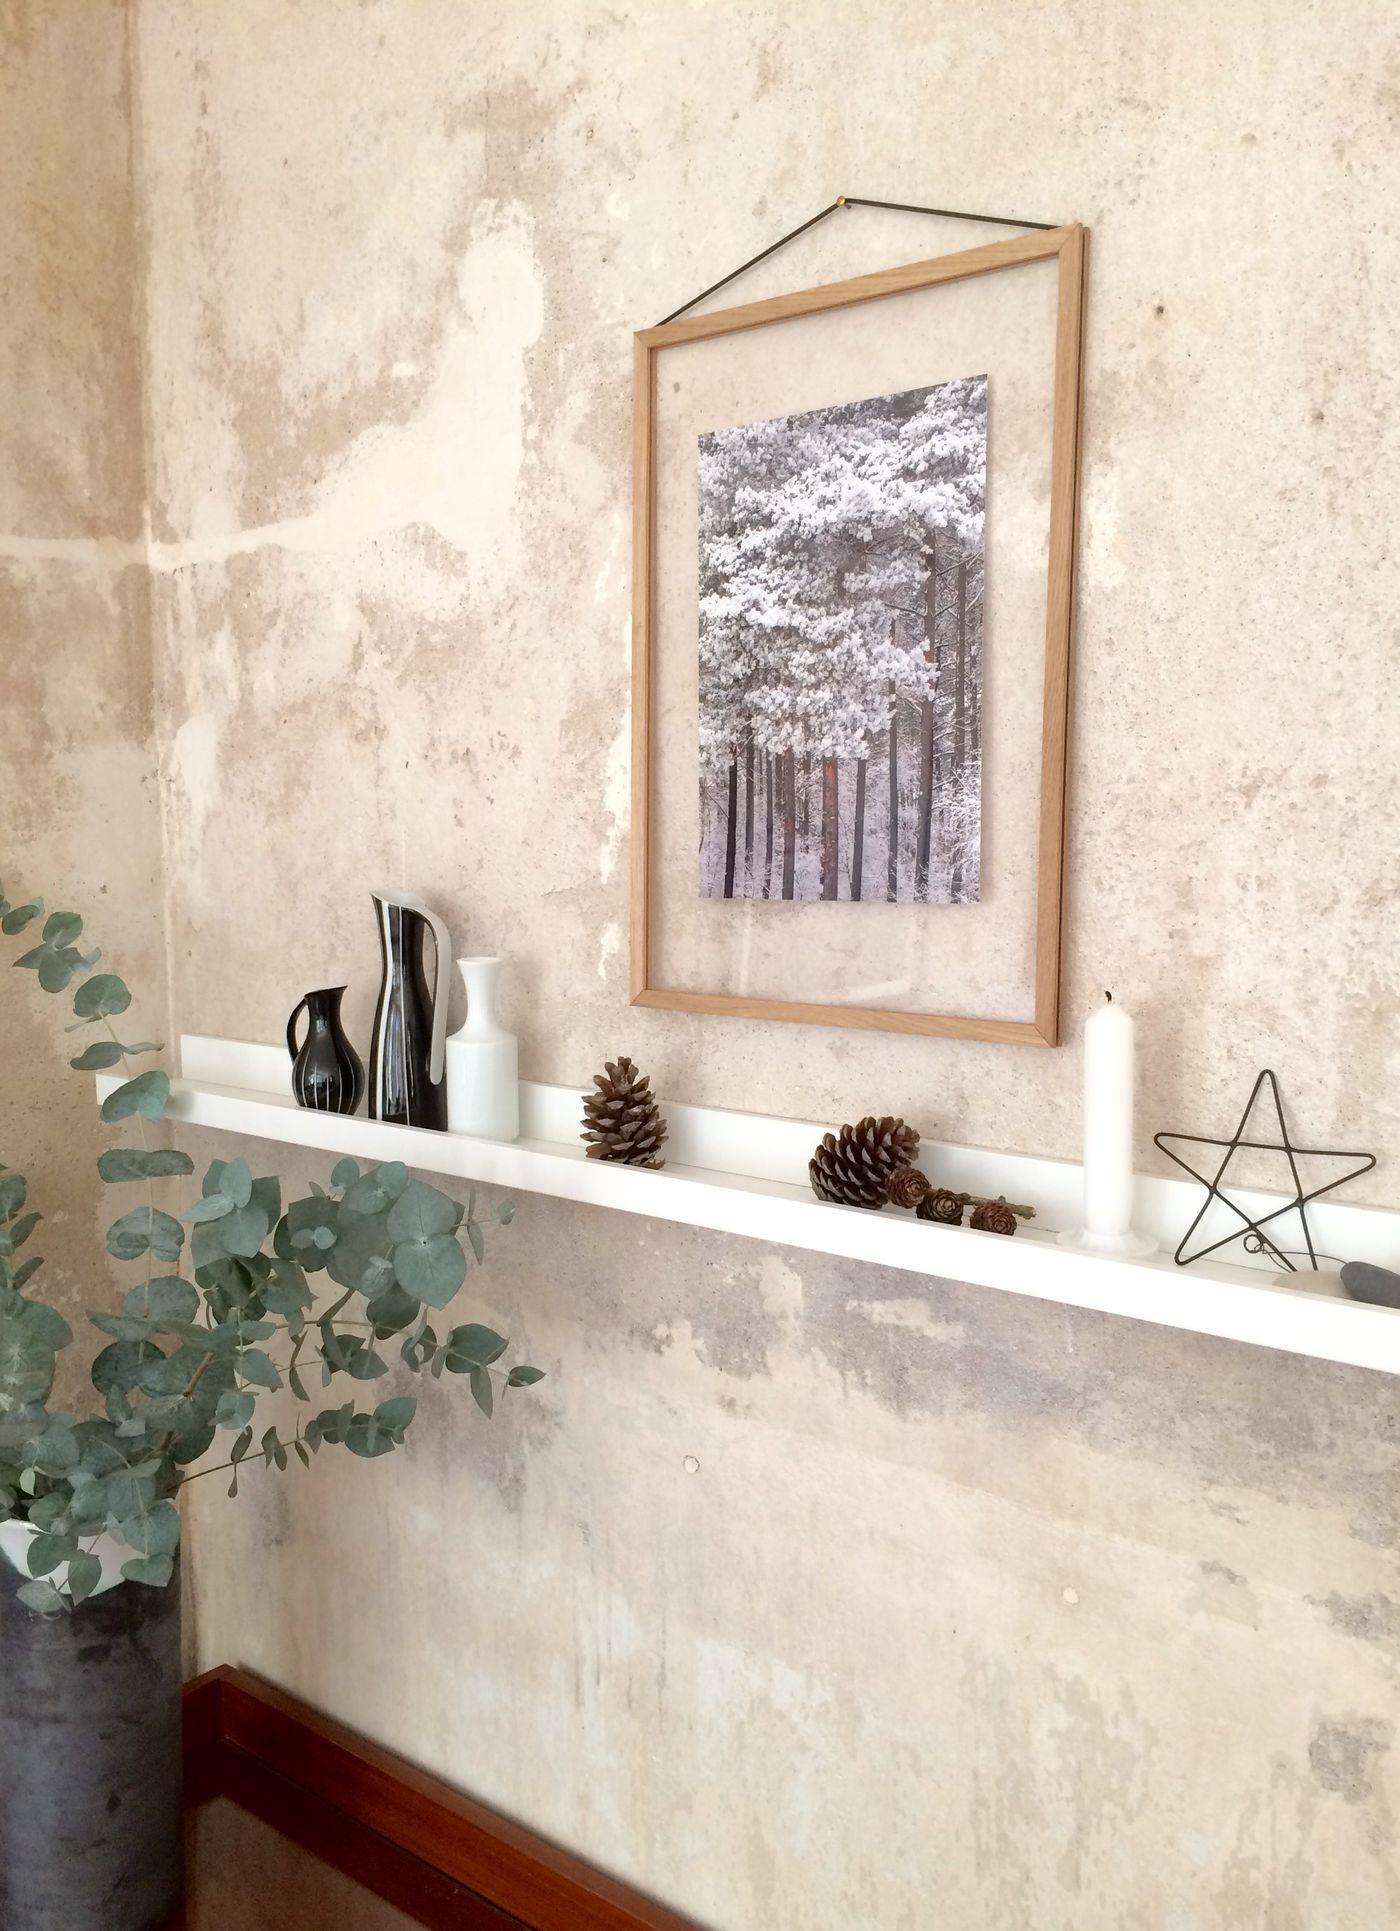 Bilderleiste ideen wohnzimmer for Die schonsten wohnzimmer